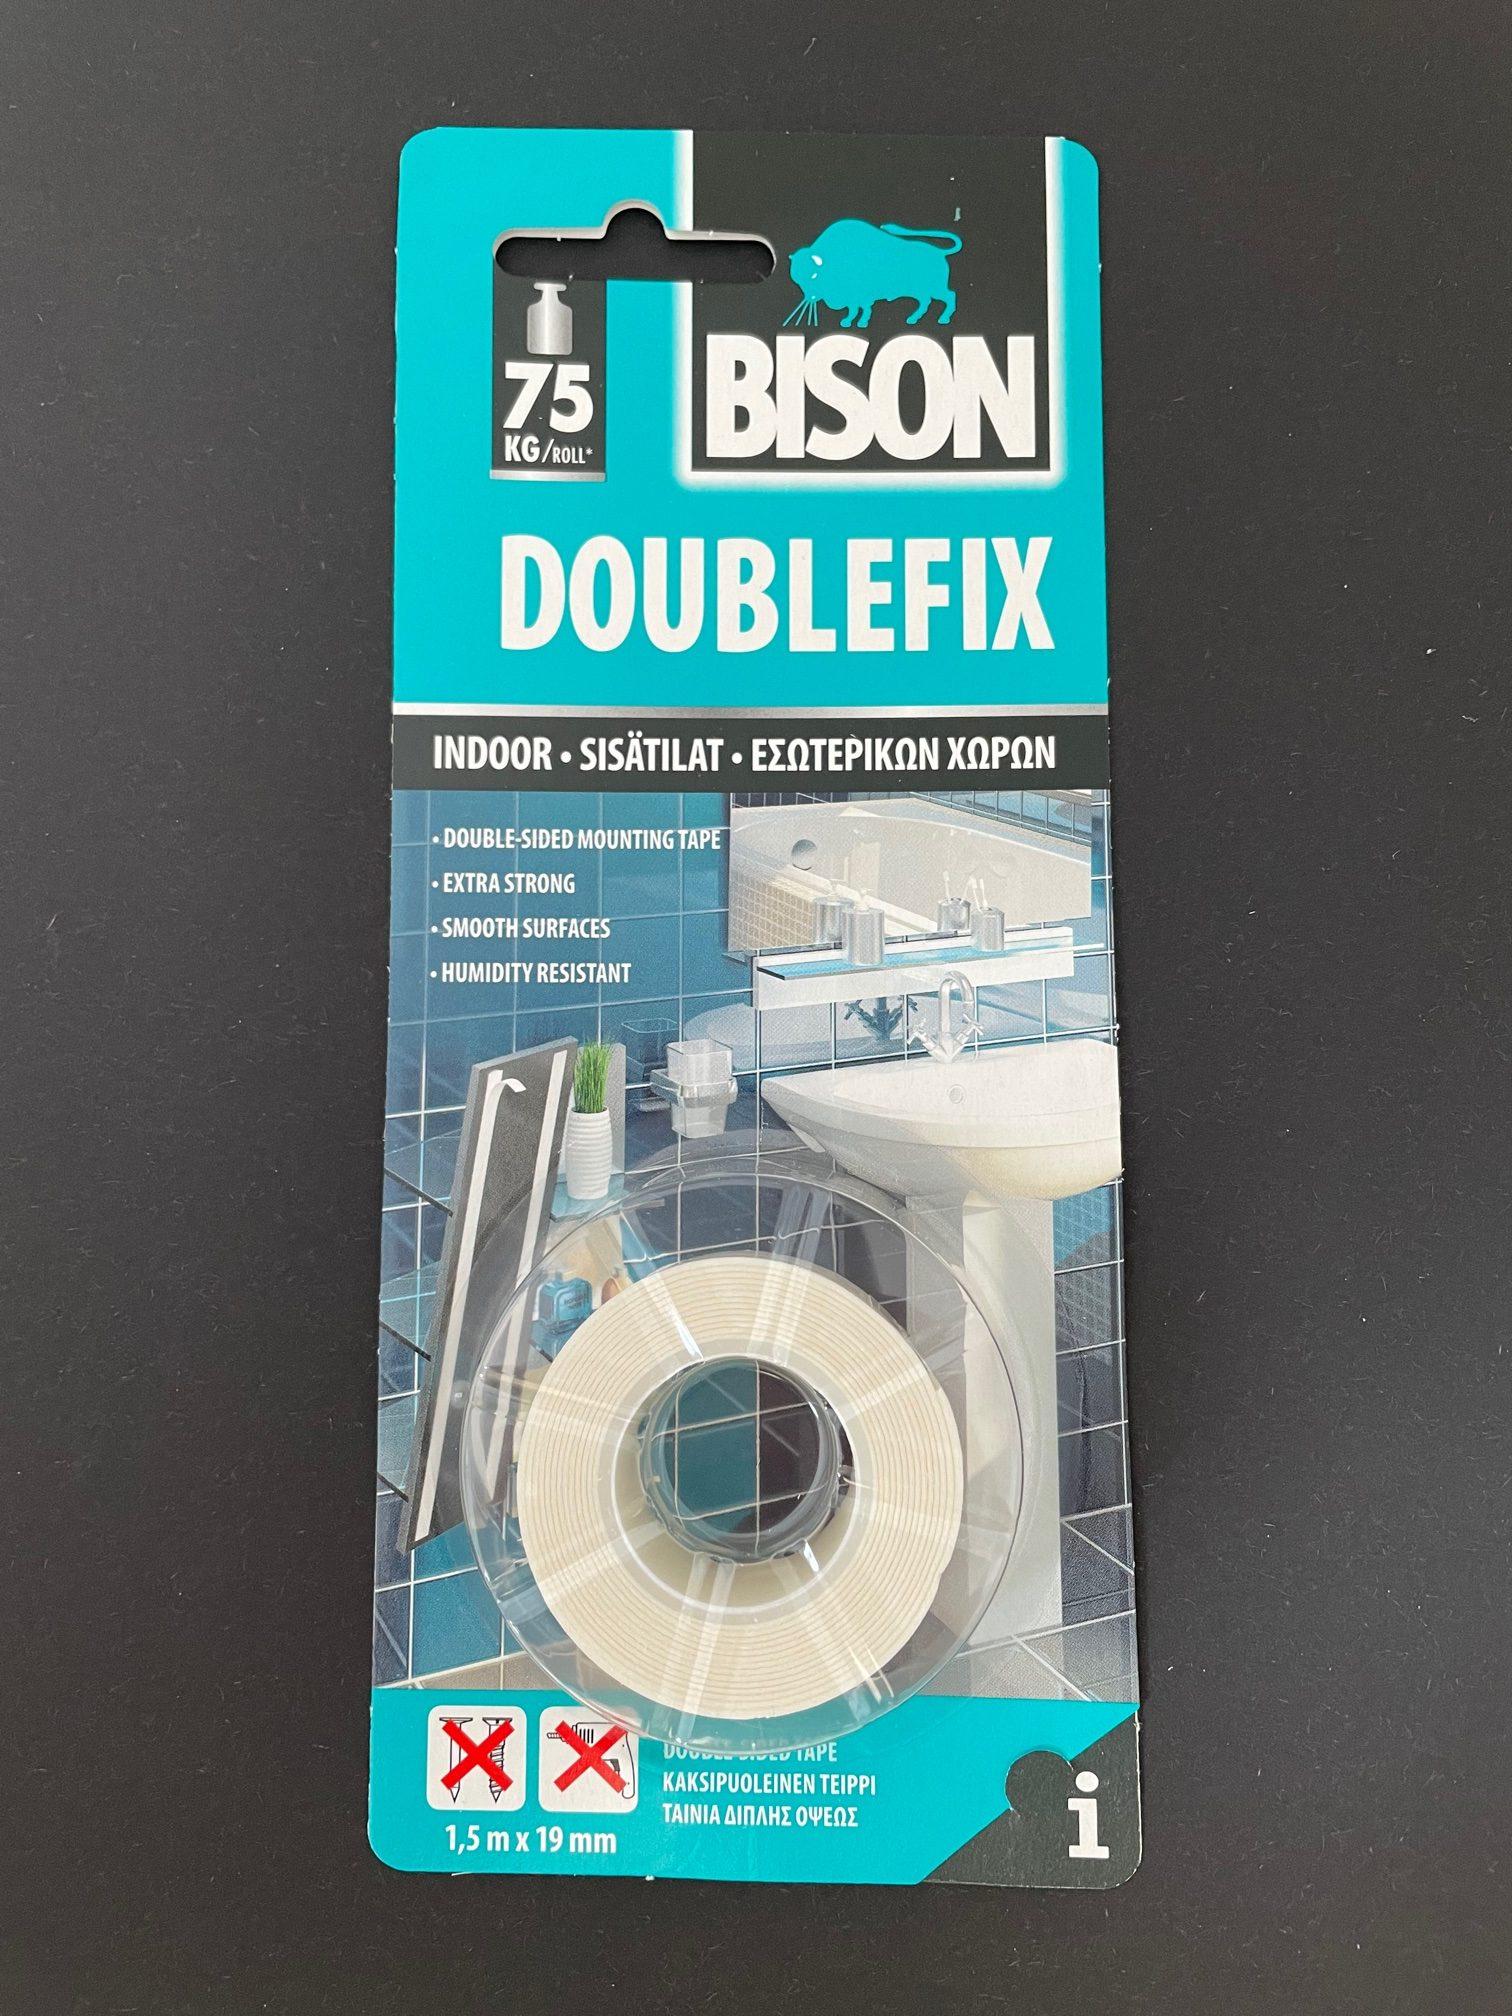 Bison Range of Repair Adhesive and Tapes